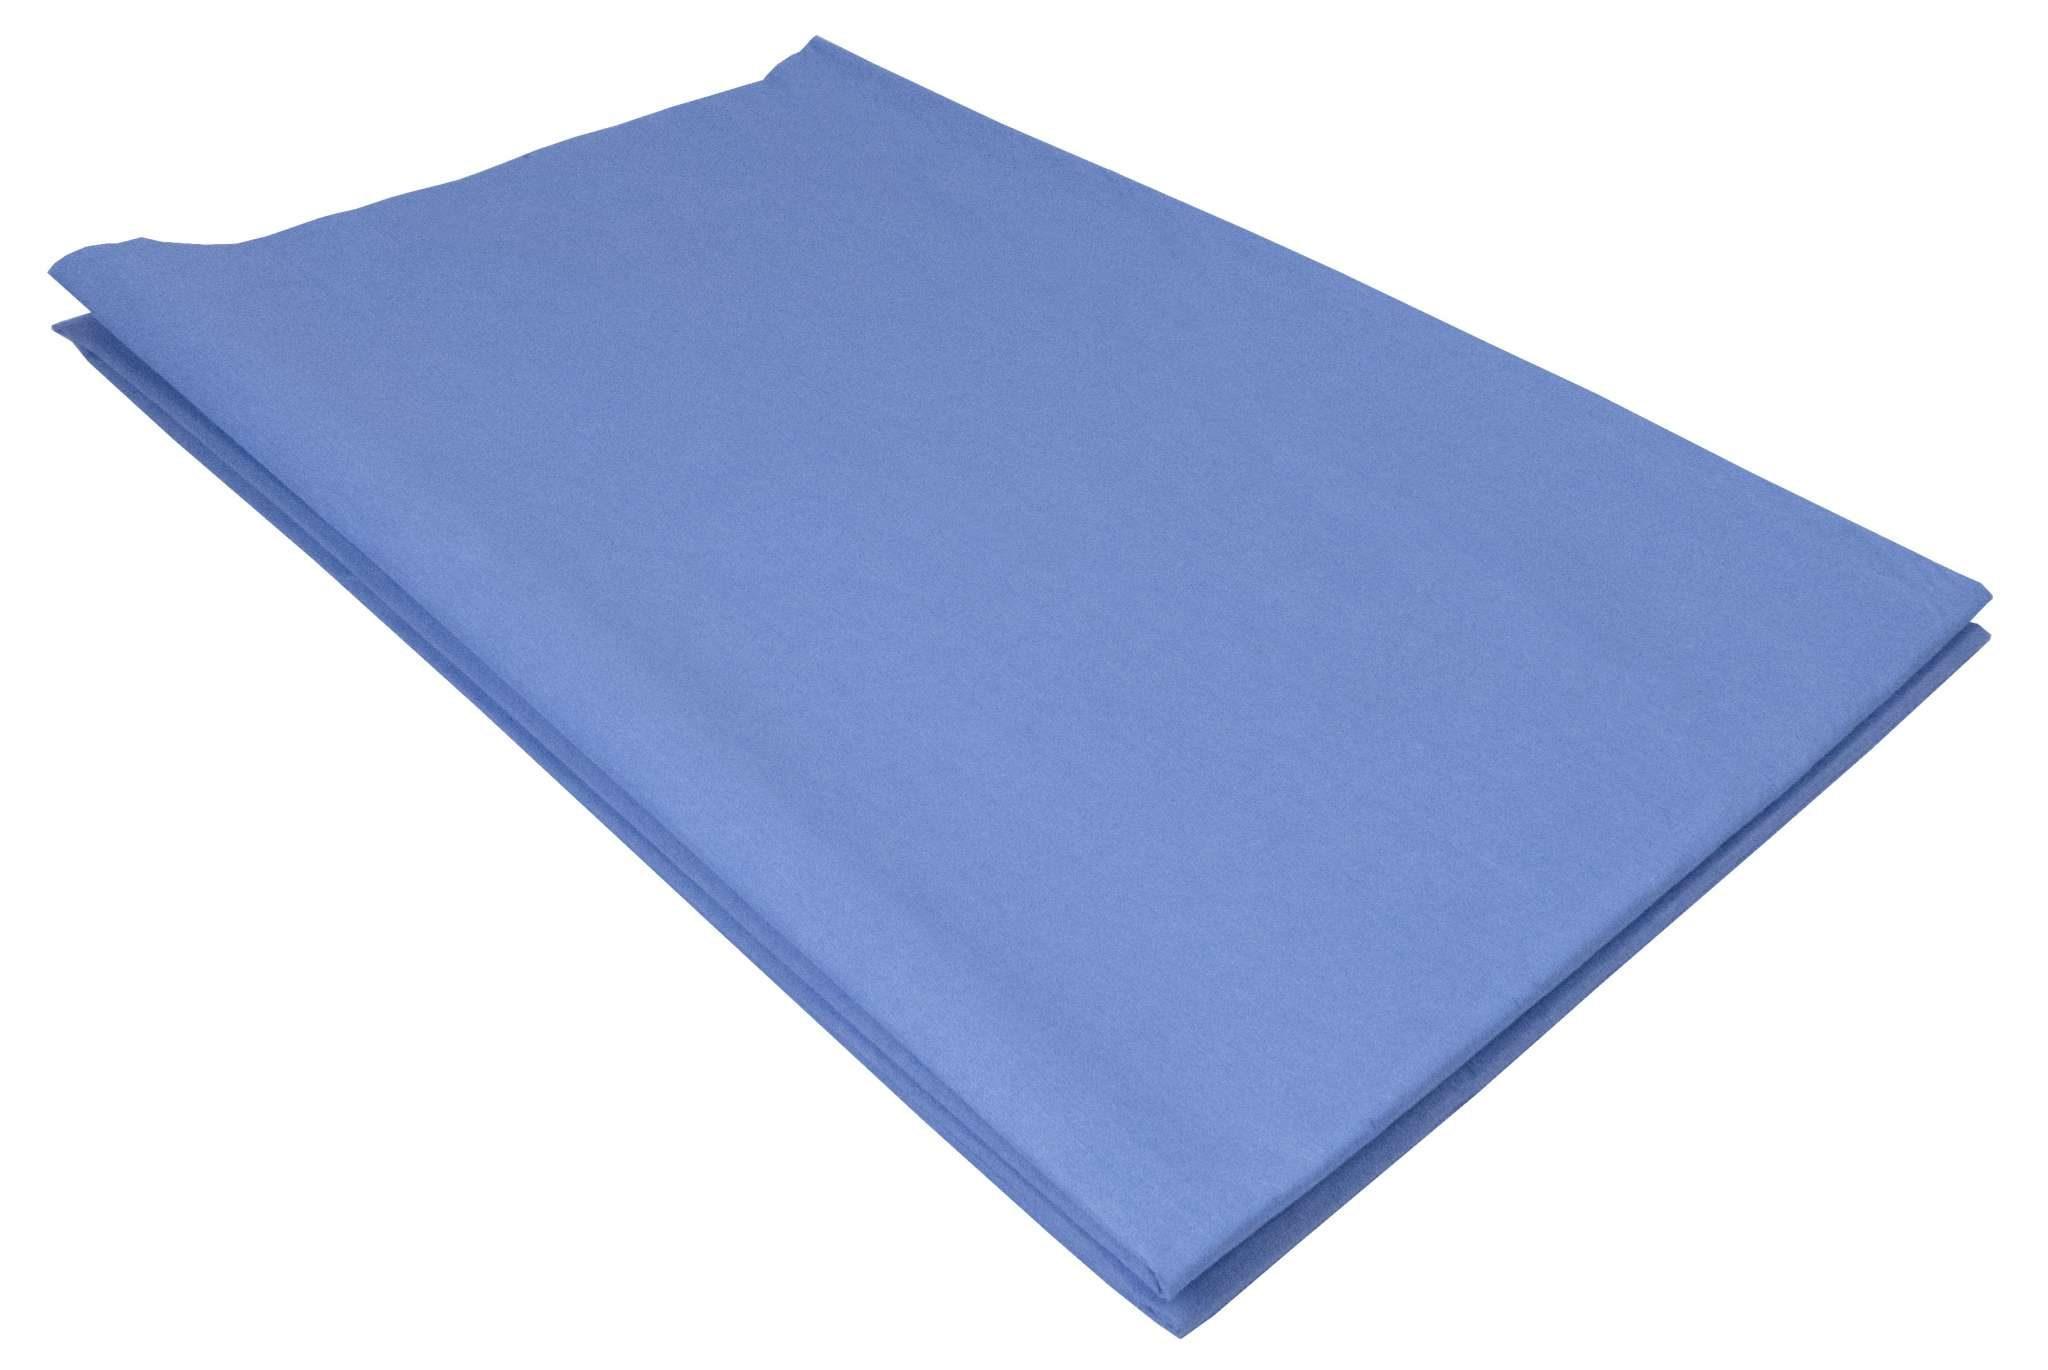 #08215 Sontex™ blanket